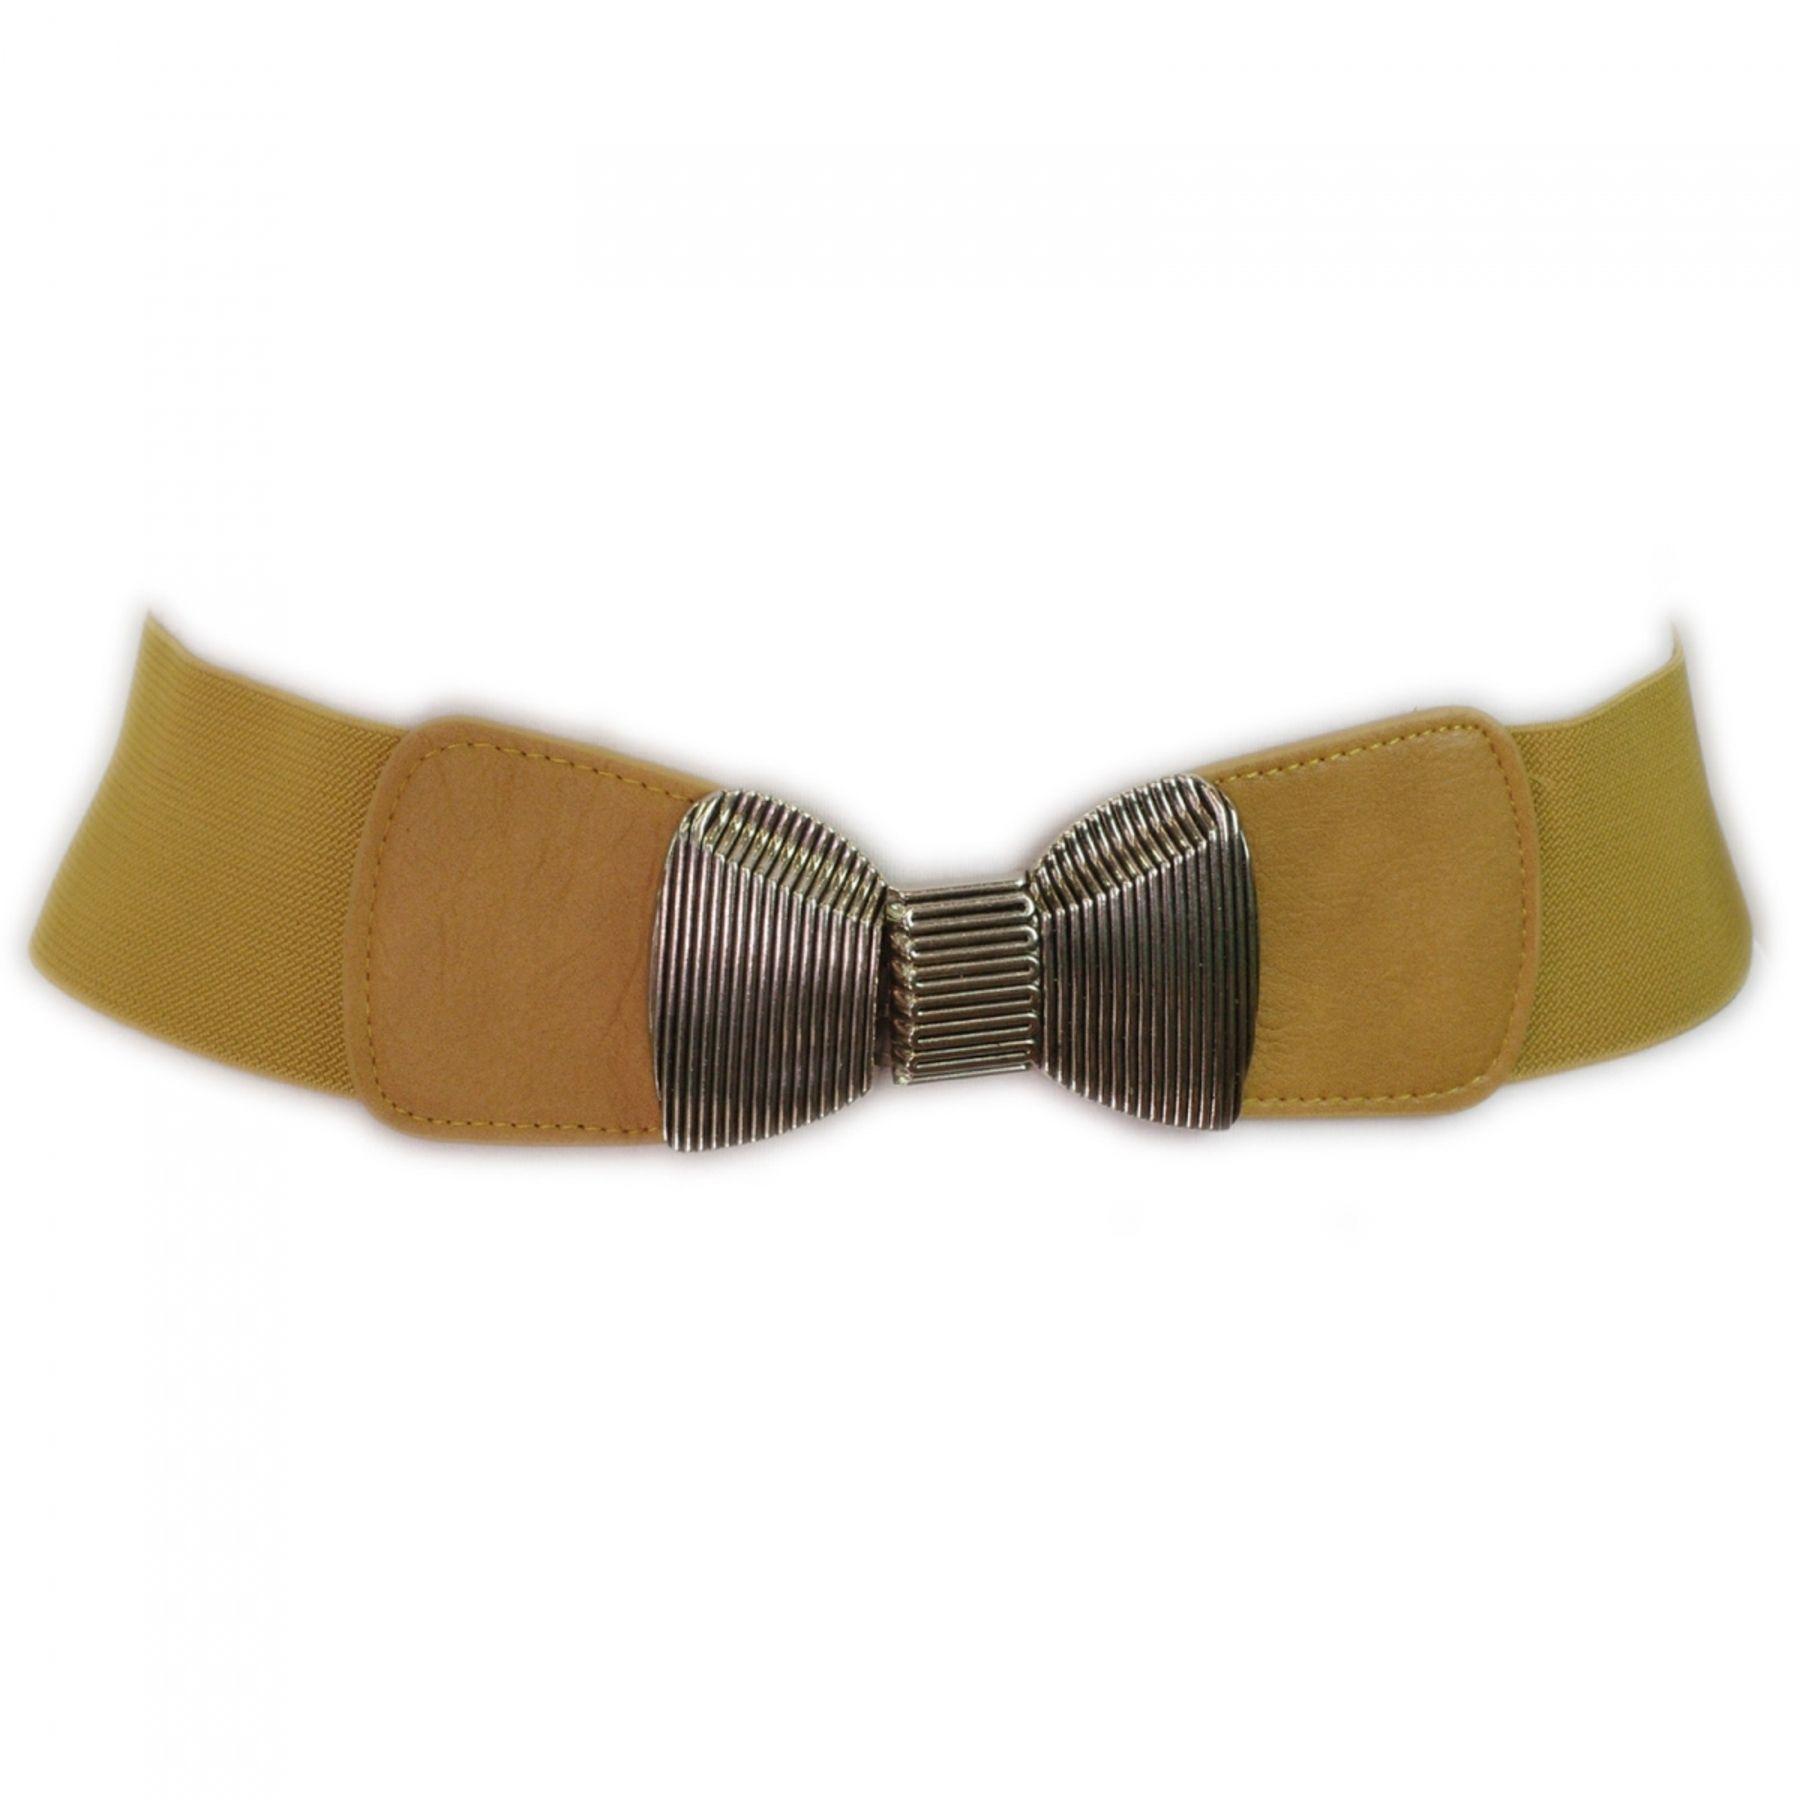 Ceinture large élastique noeud bow pour les femmes en simili cuir stretch taille élastique ceinture